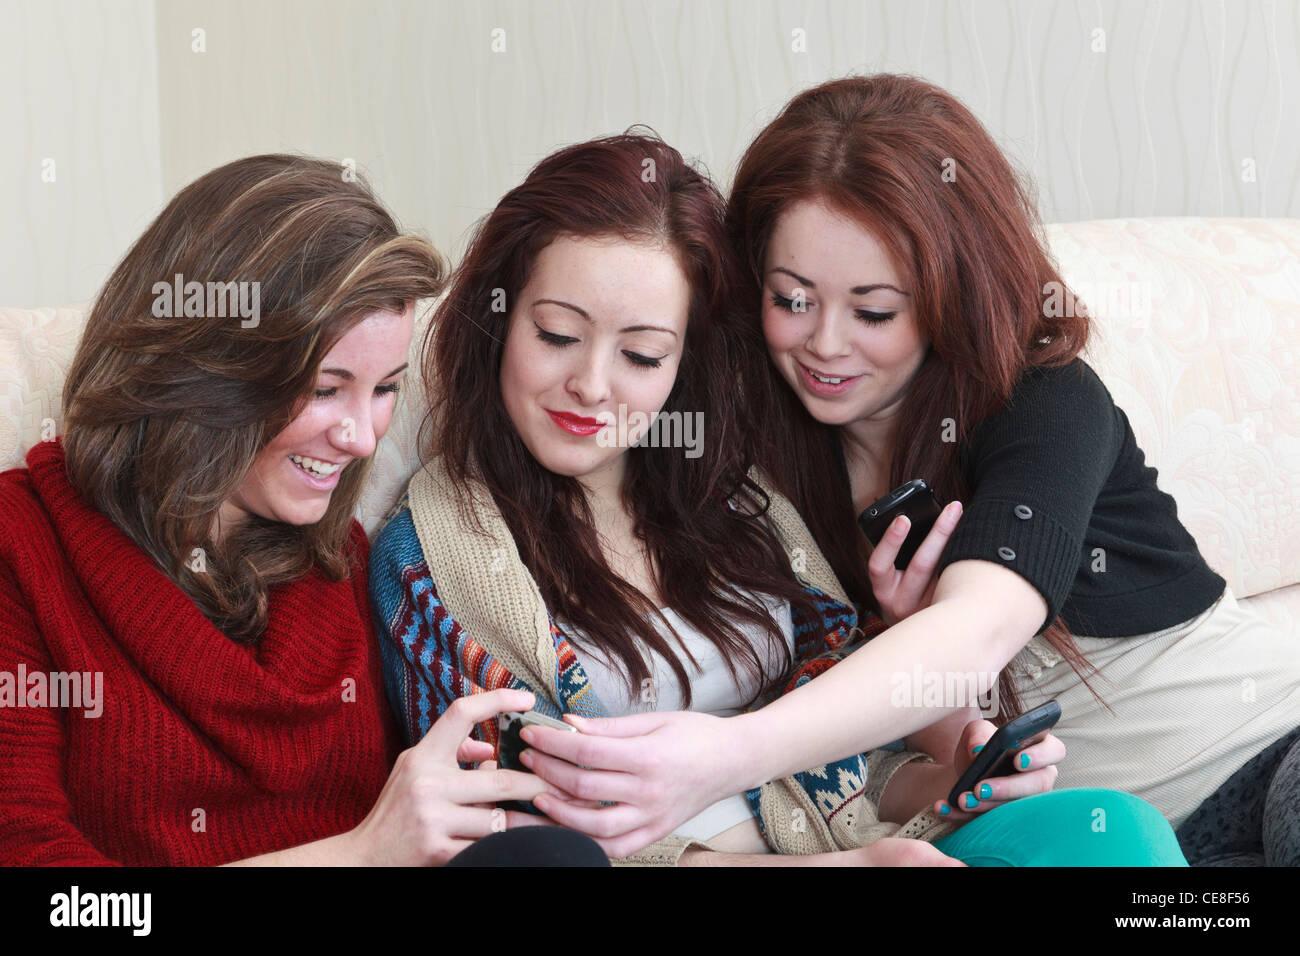 Drei generation z Jugendmädchen Freunde im Alter von 15 Jahren in einem Lachen von Fotos auf einem Mobiltelefon, Stockfoto